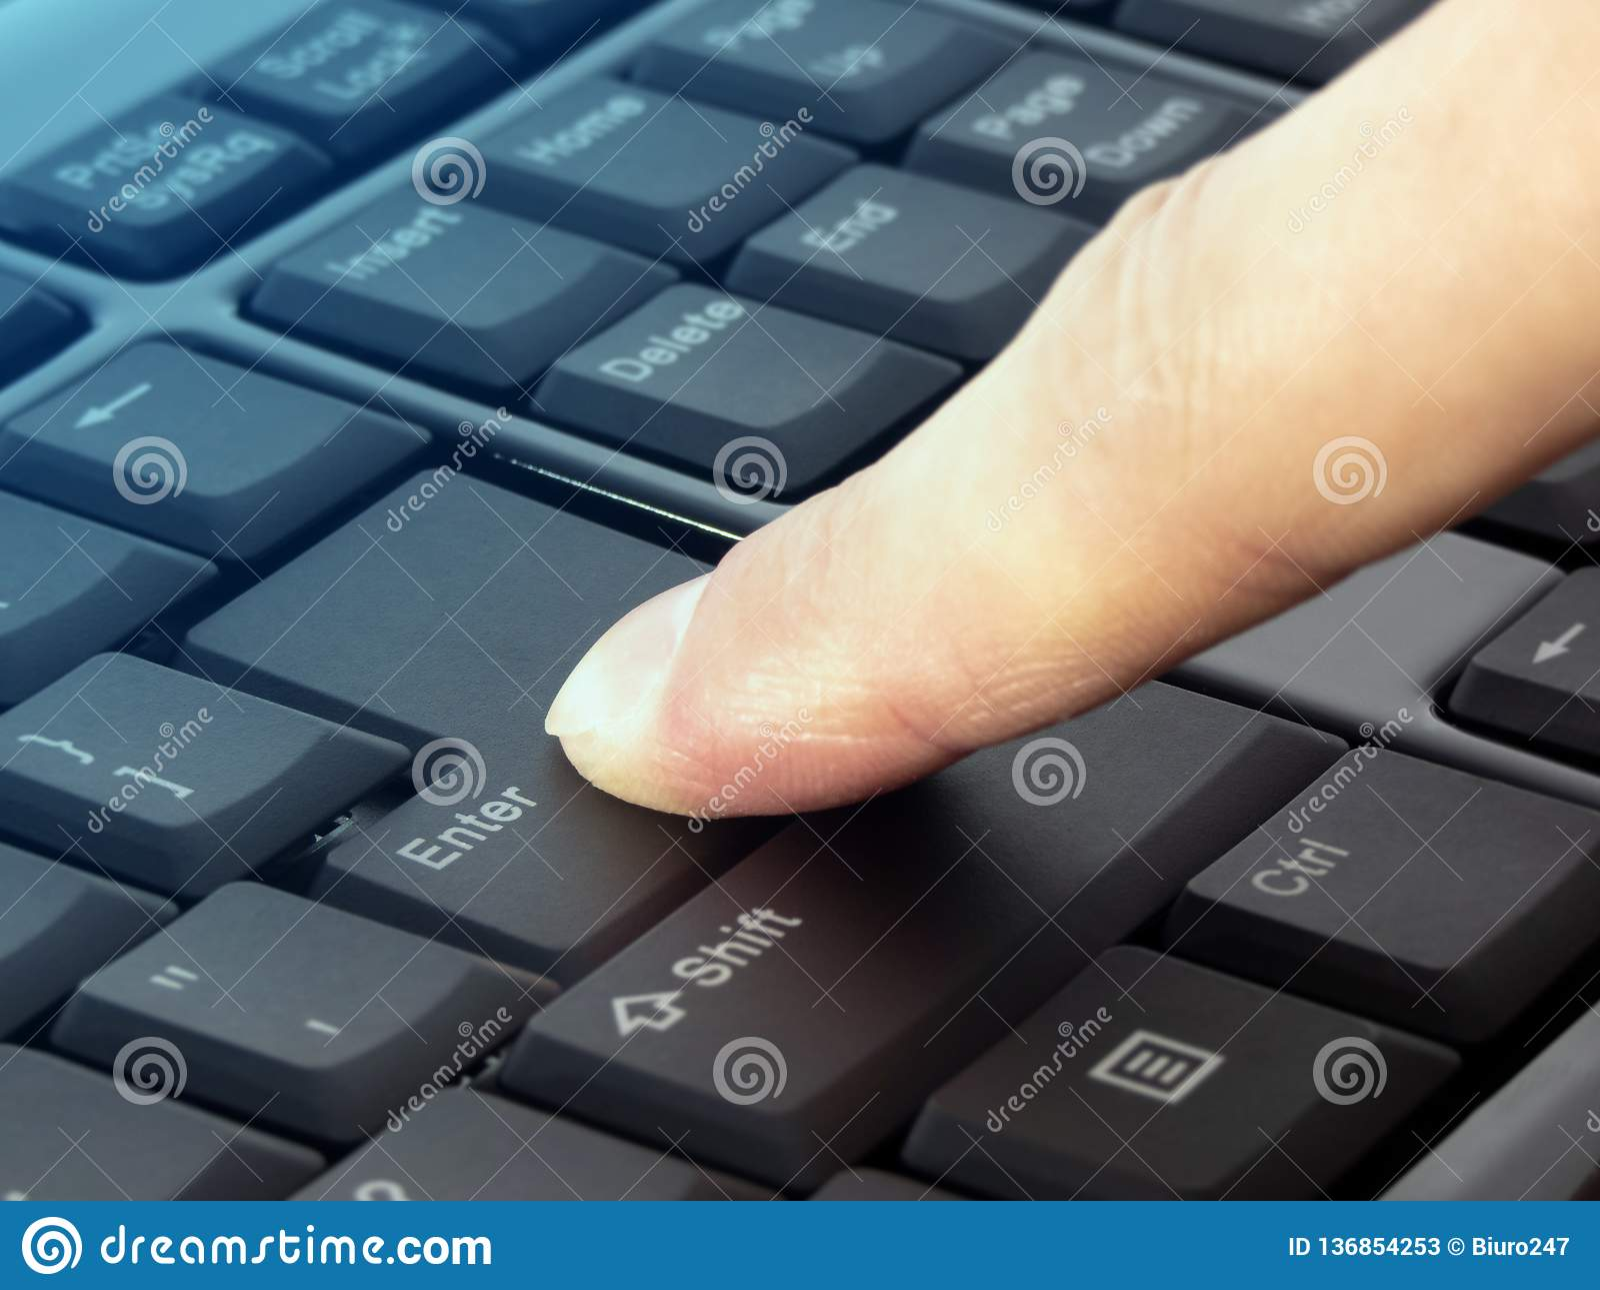 Das Fingerdrücken kommen Knopf auf der schwarzen Tastatur